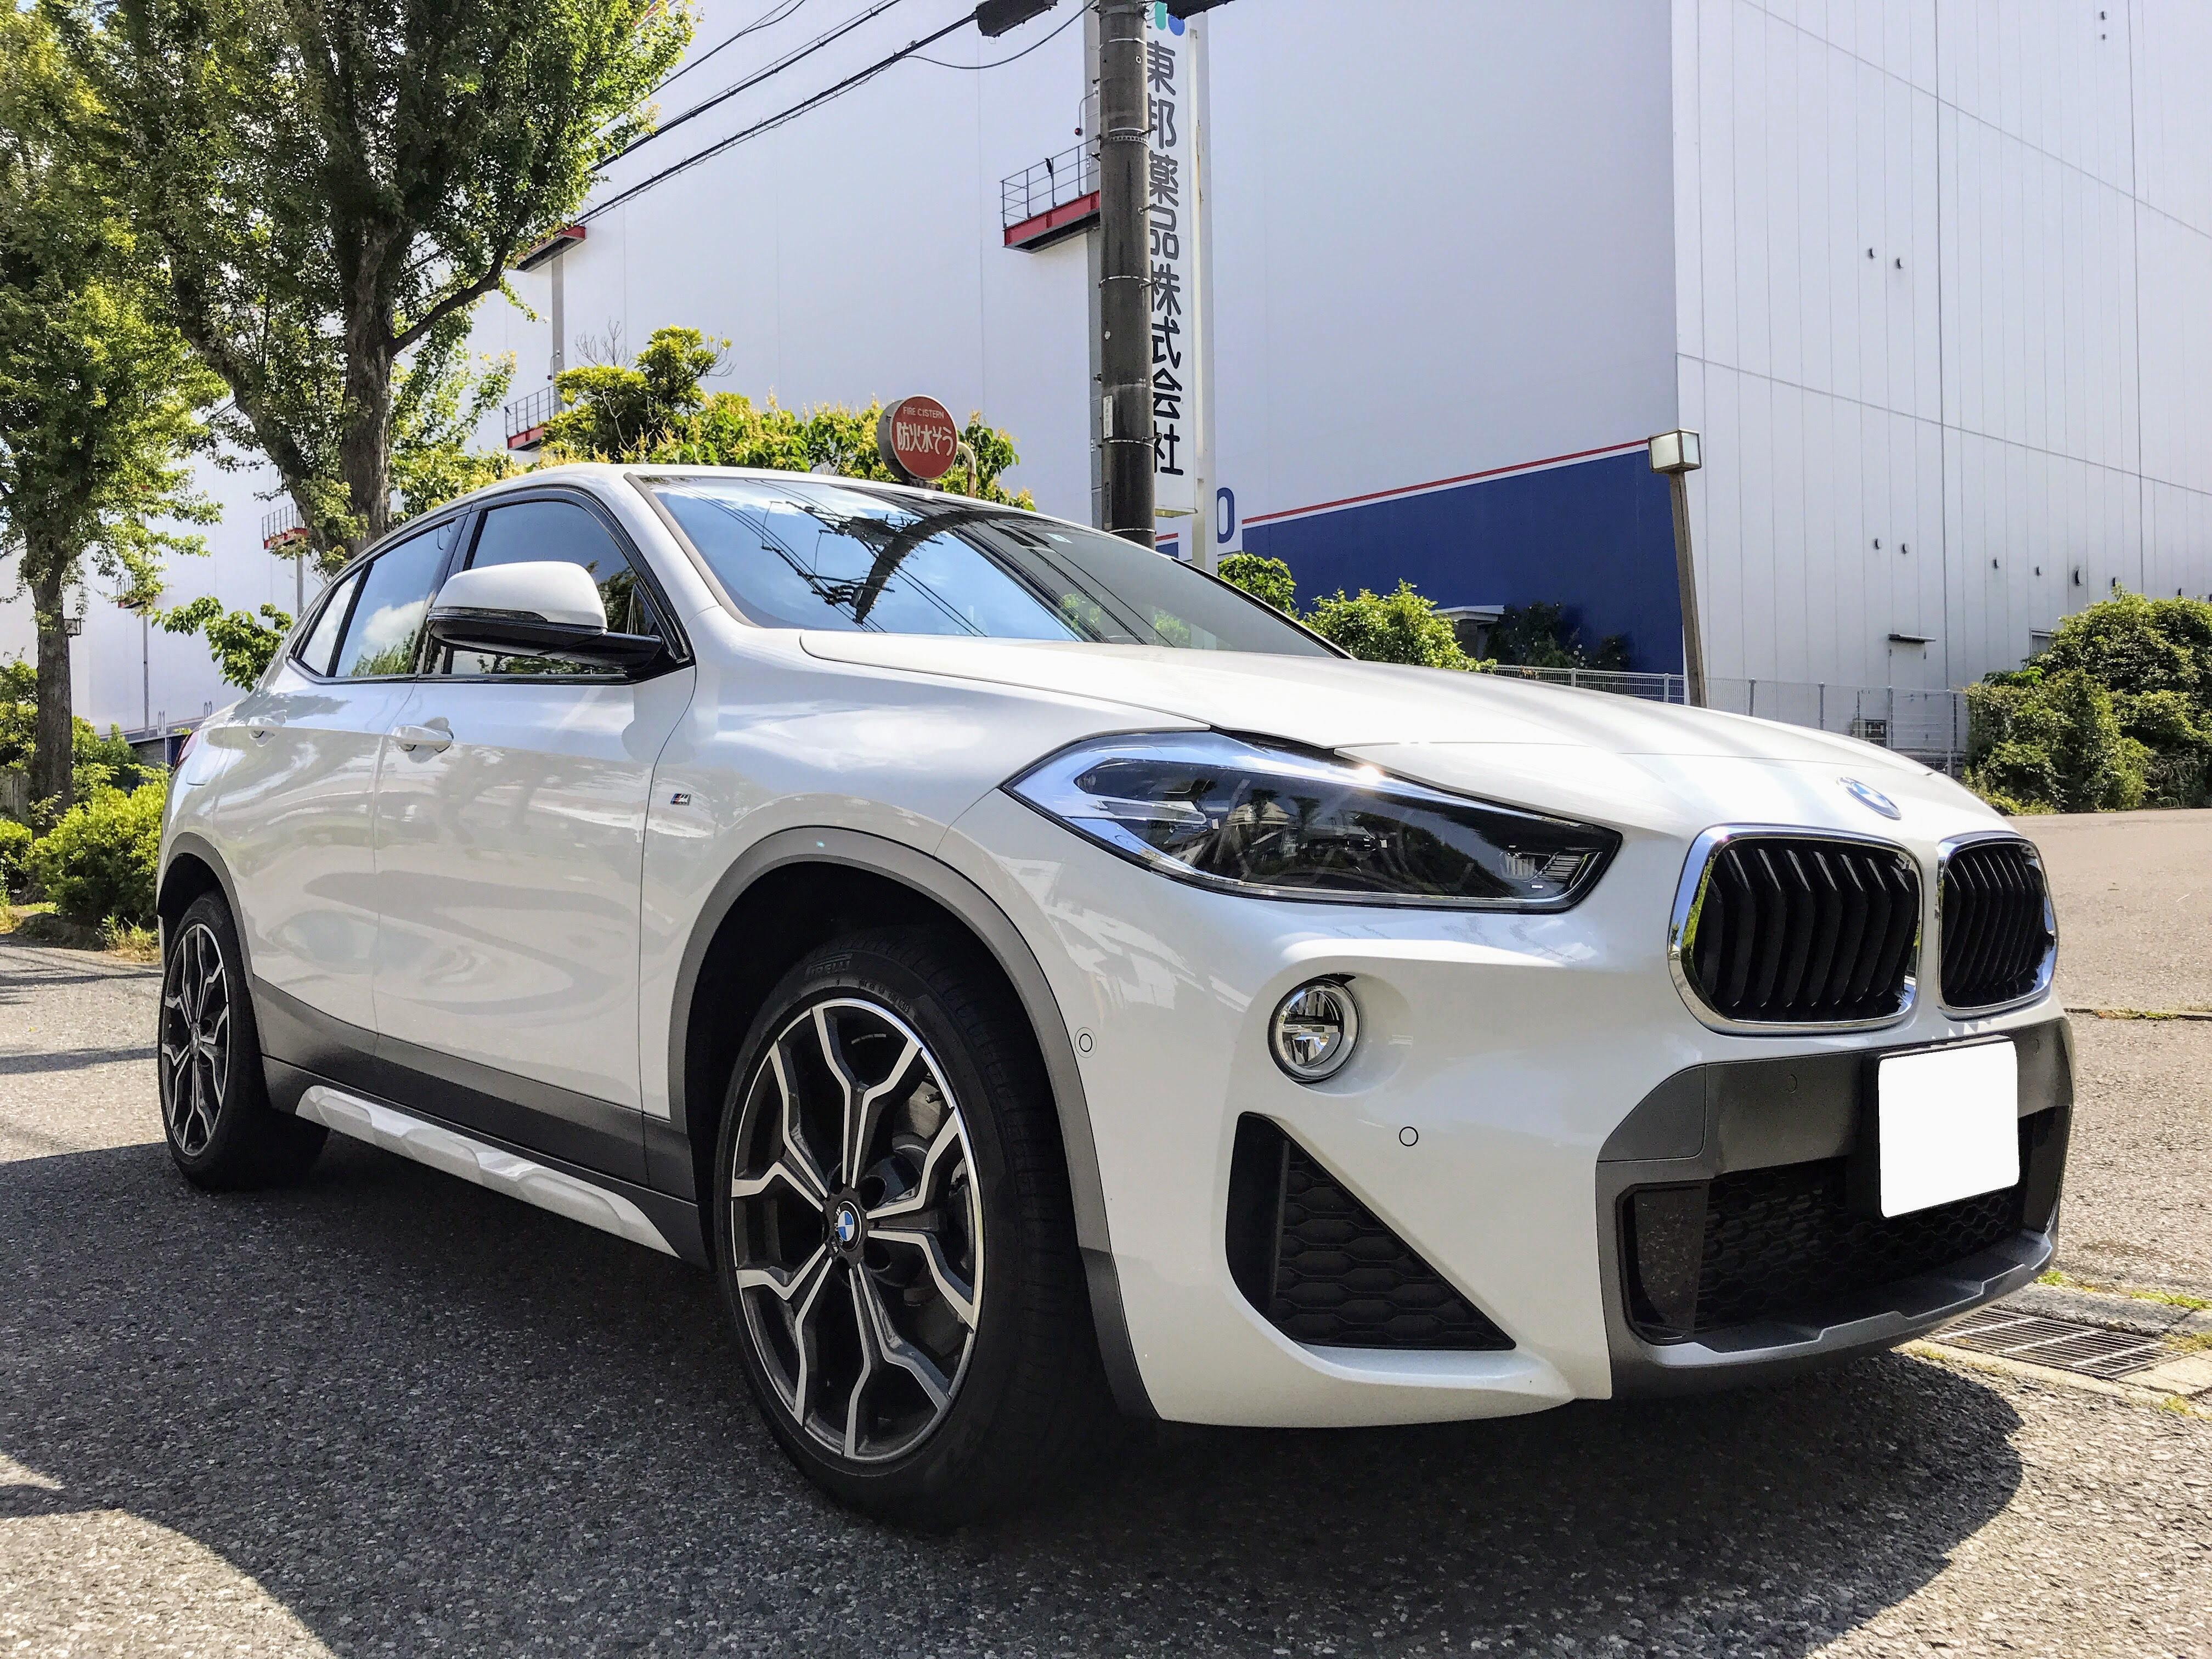 BMW X1とX2がACC(ストップ&ゴー機能付)や電動シートなど人気オプションを標準装備し新価格で発売!お得感はあり?なし?ラインナップ廃止グレードも。